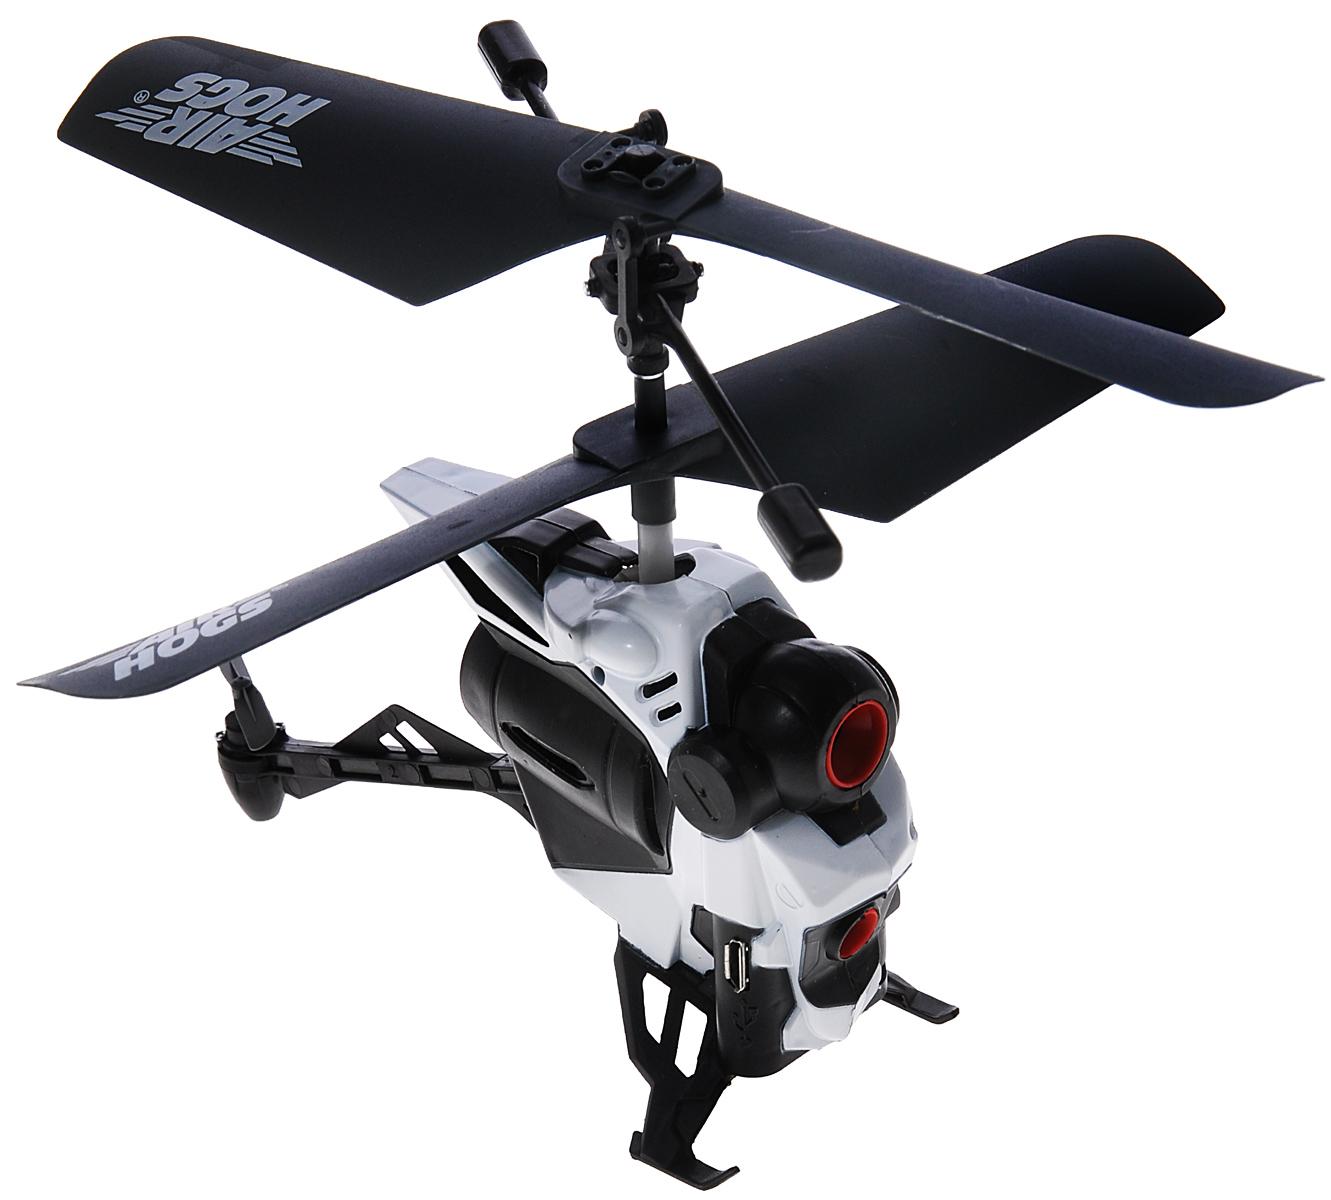 Air Hogs Вертолет на радиоуправлении Altitude Video Drone44545Вертолет на инфракрасном управлении AirHogs Altitude Video Drone с камерой станет отличным подарком любому мальчишке! Управление вертолетом и камерой осуществляется с помощью 3-канального инфракрасного пульта управления. Встроенный гироскоп обеспечит ровность полета, а система стабилизации съемки сделает видео плавным и приятным для просмотра. Камера с разрешением 0.3 Мп записывает видео и фото на встроенную память, откуда отснятый материал можно скопировать на компьютер через USB (кабель в комплекте). Зарядка встроенного аккумулятора вертолета осуществляется от пульта управления. Время зарядки 40 минут. Время непрерывной работы игрушки 5 минут. Для работы пульта управления необходимы 3 батарейки напряжением 1,5 V типа ААА (не входят в комплект).